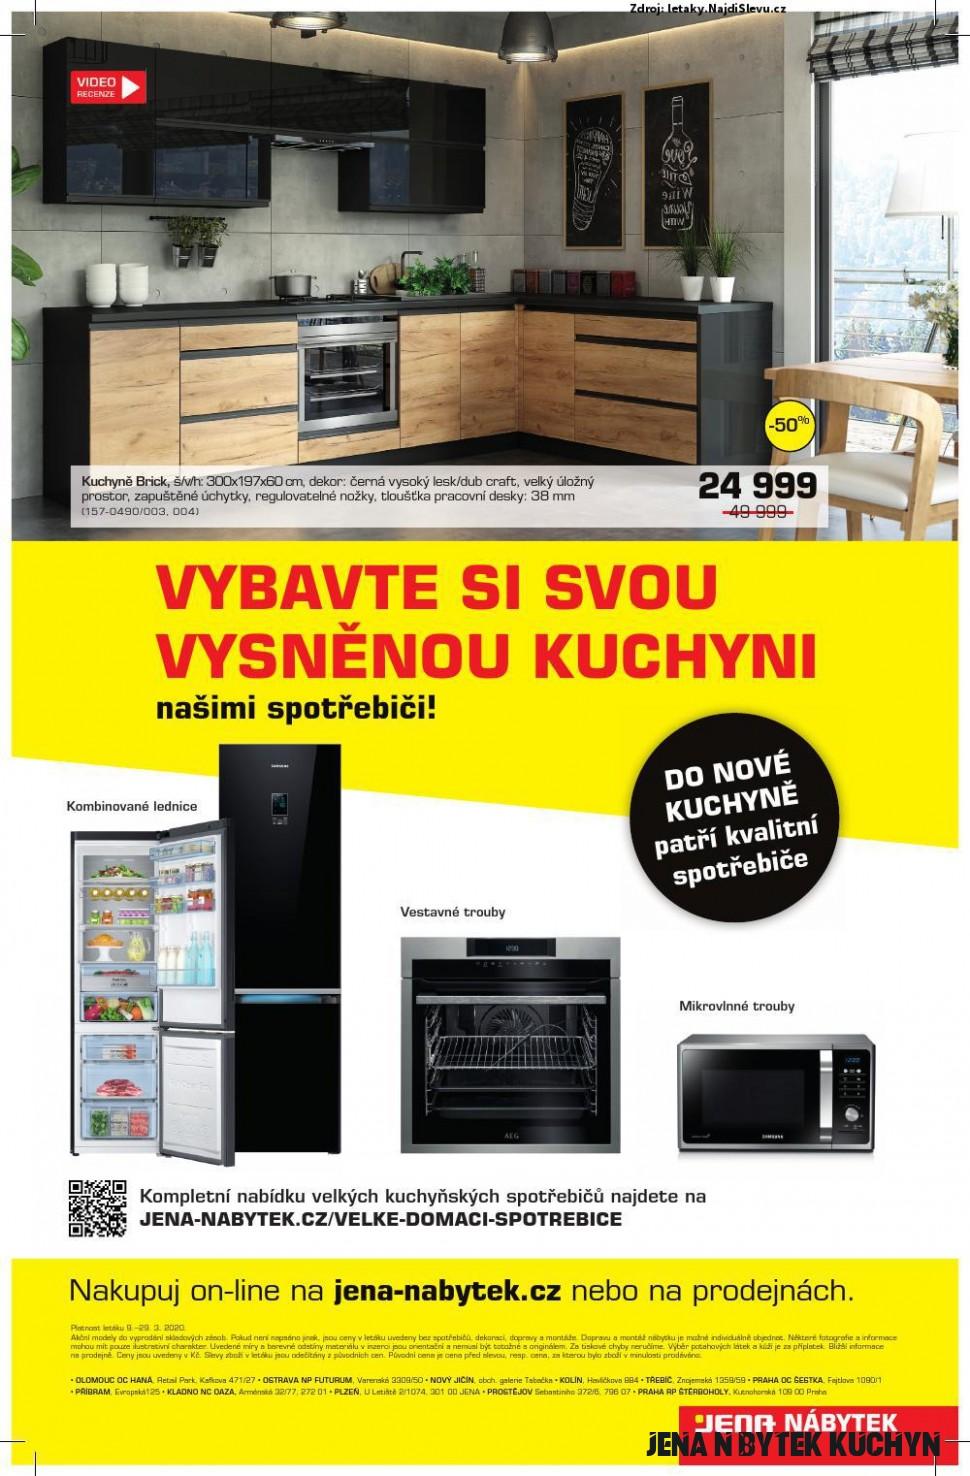 Jena nábytek leták - strana 18  18. 18. - 218. 18. 18  NajdiSlevu.cz